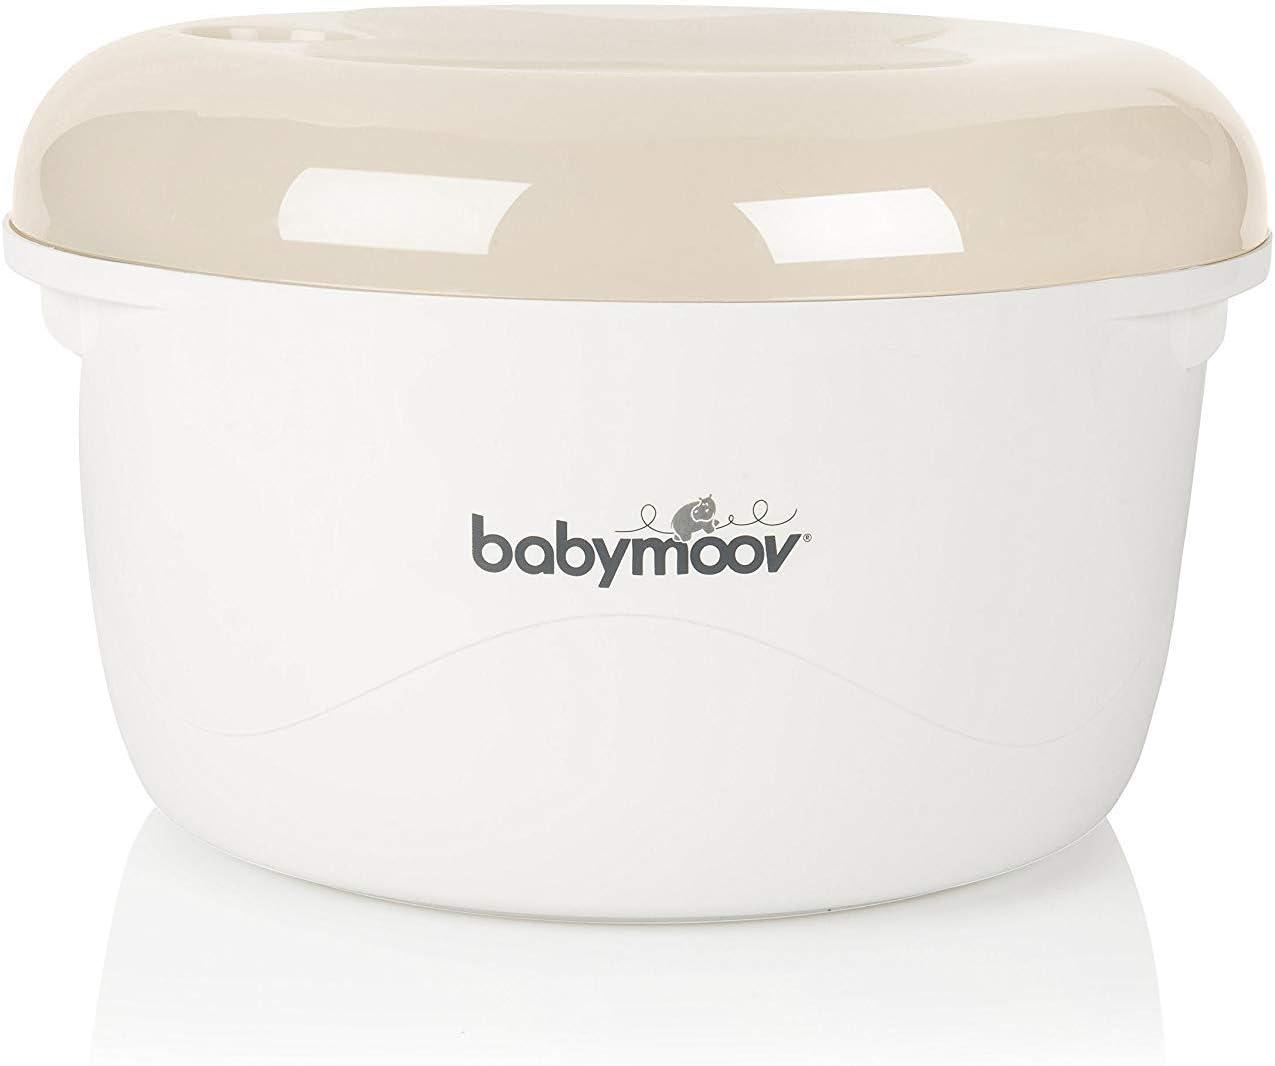 Babymoov A003207 - Esterilizador de Biberones para Microondas y ...